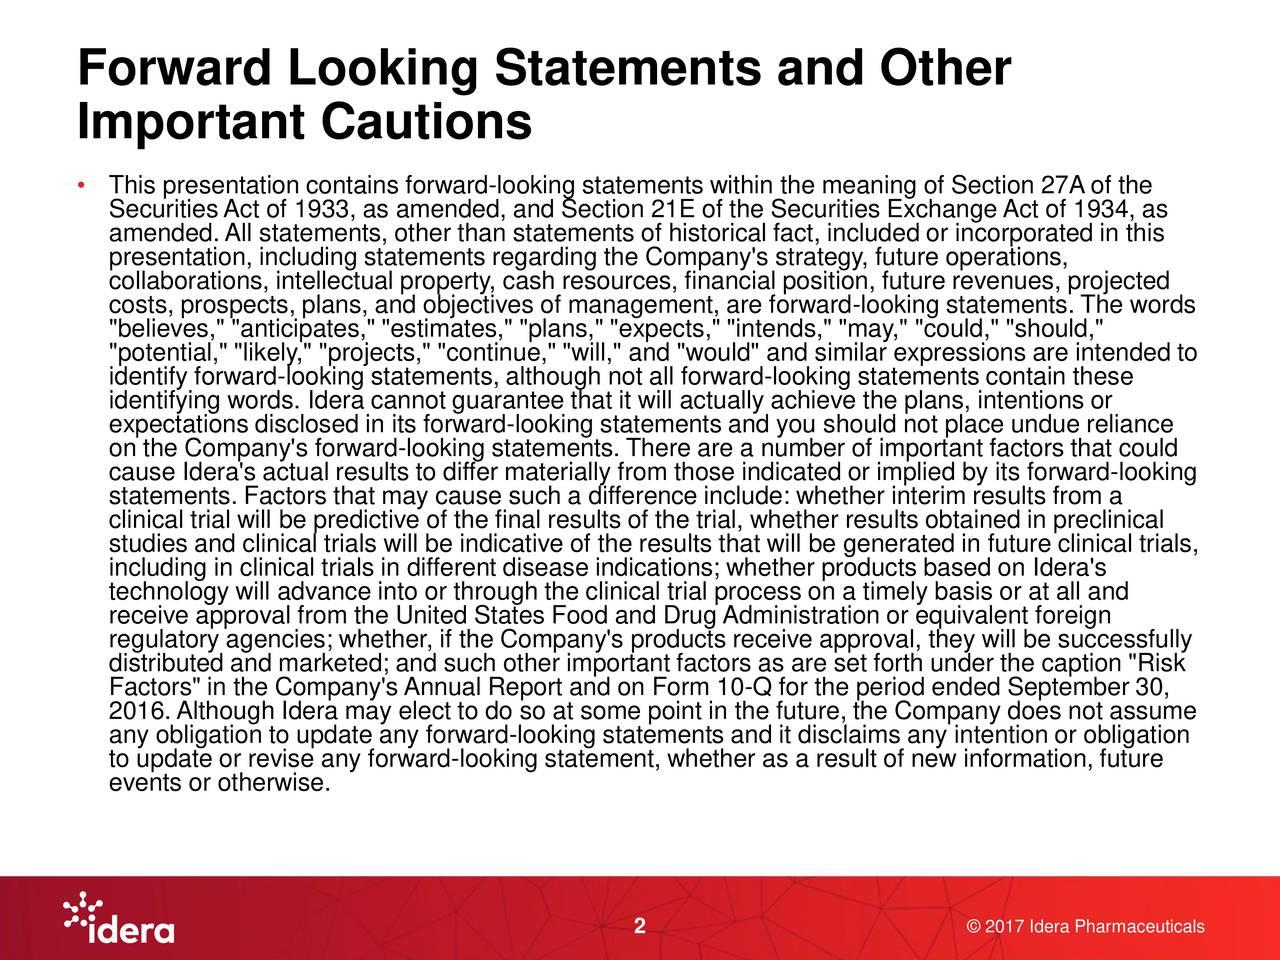 financial statement analysis j p morgan Organization analysis of jp morgan analysis of financial analysis of jp morgan chase //wwwessaytowncom/subjects/paper/financial-analysis-jp-morgan-chase.